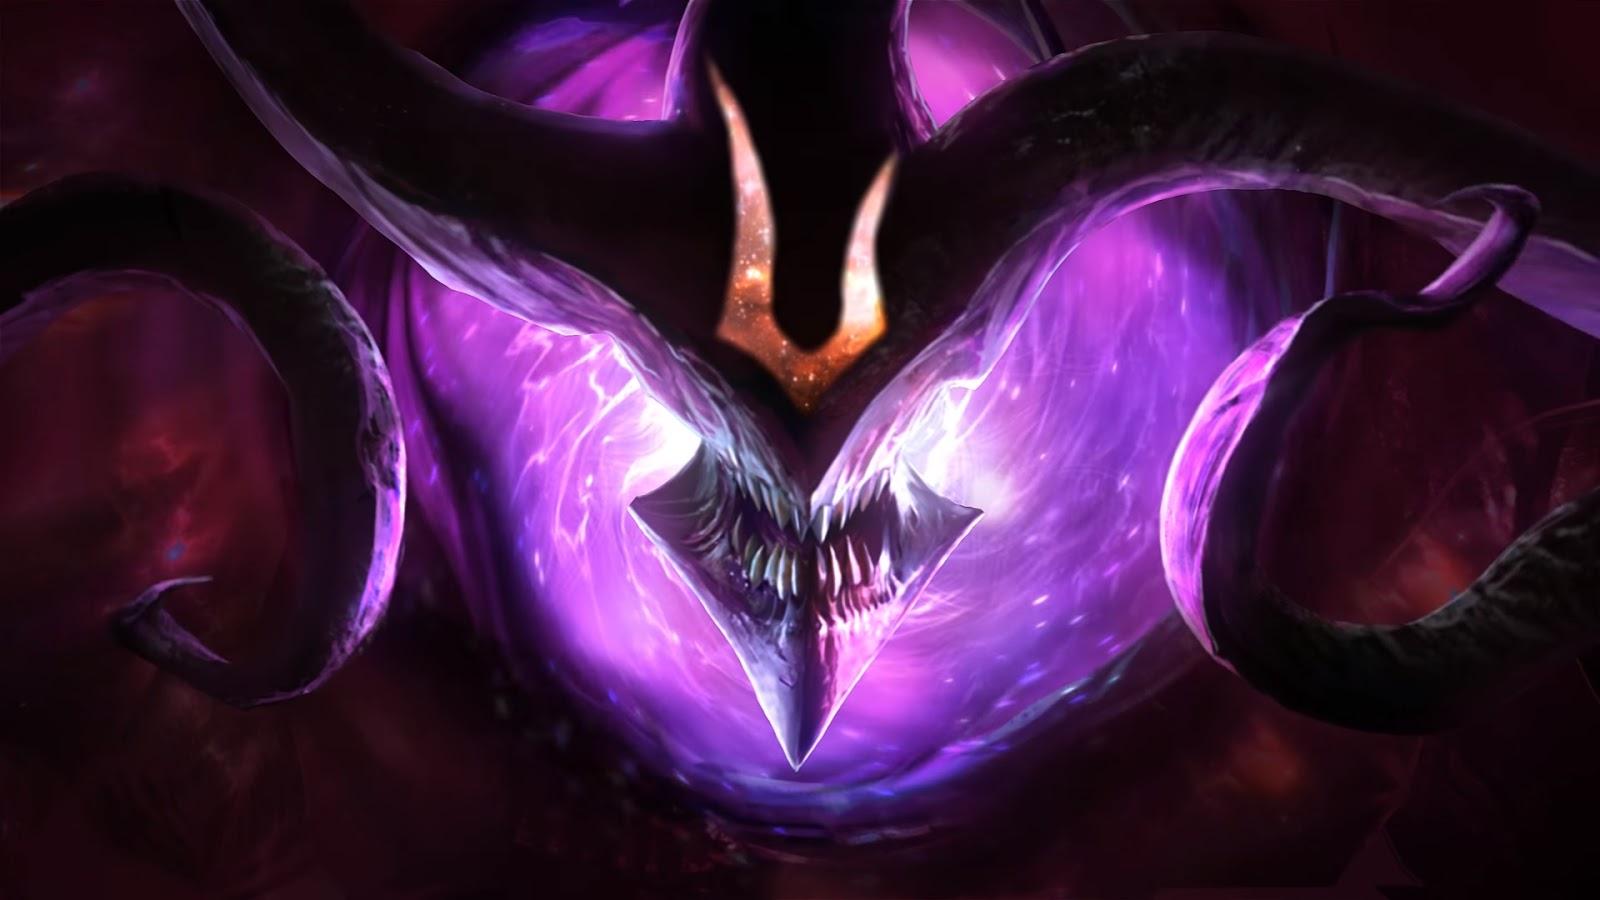 皮肤预告:锤石与韦鲁斯黑洞主题来袭!